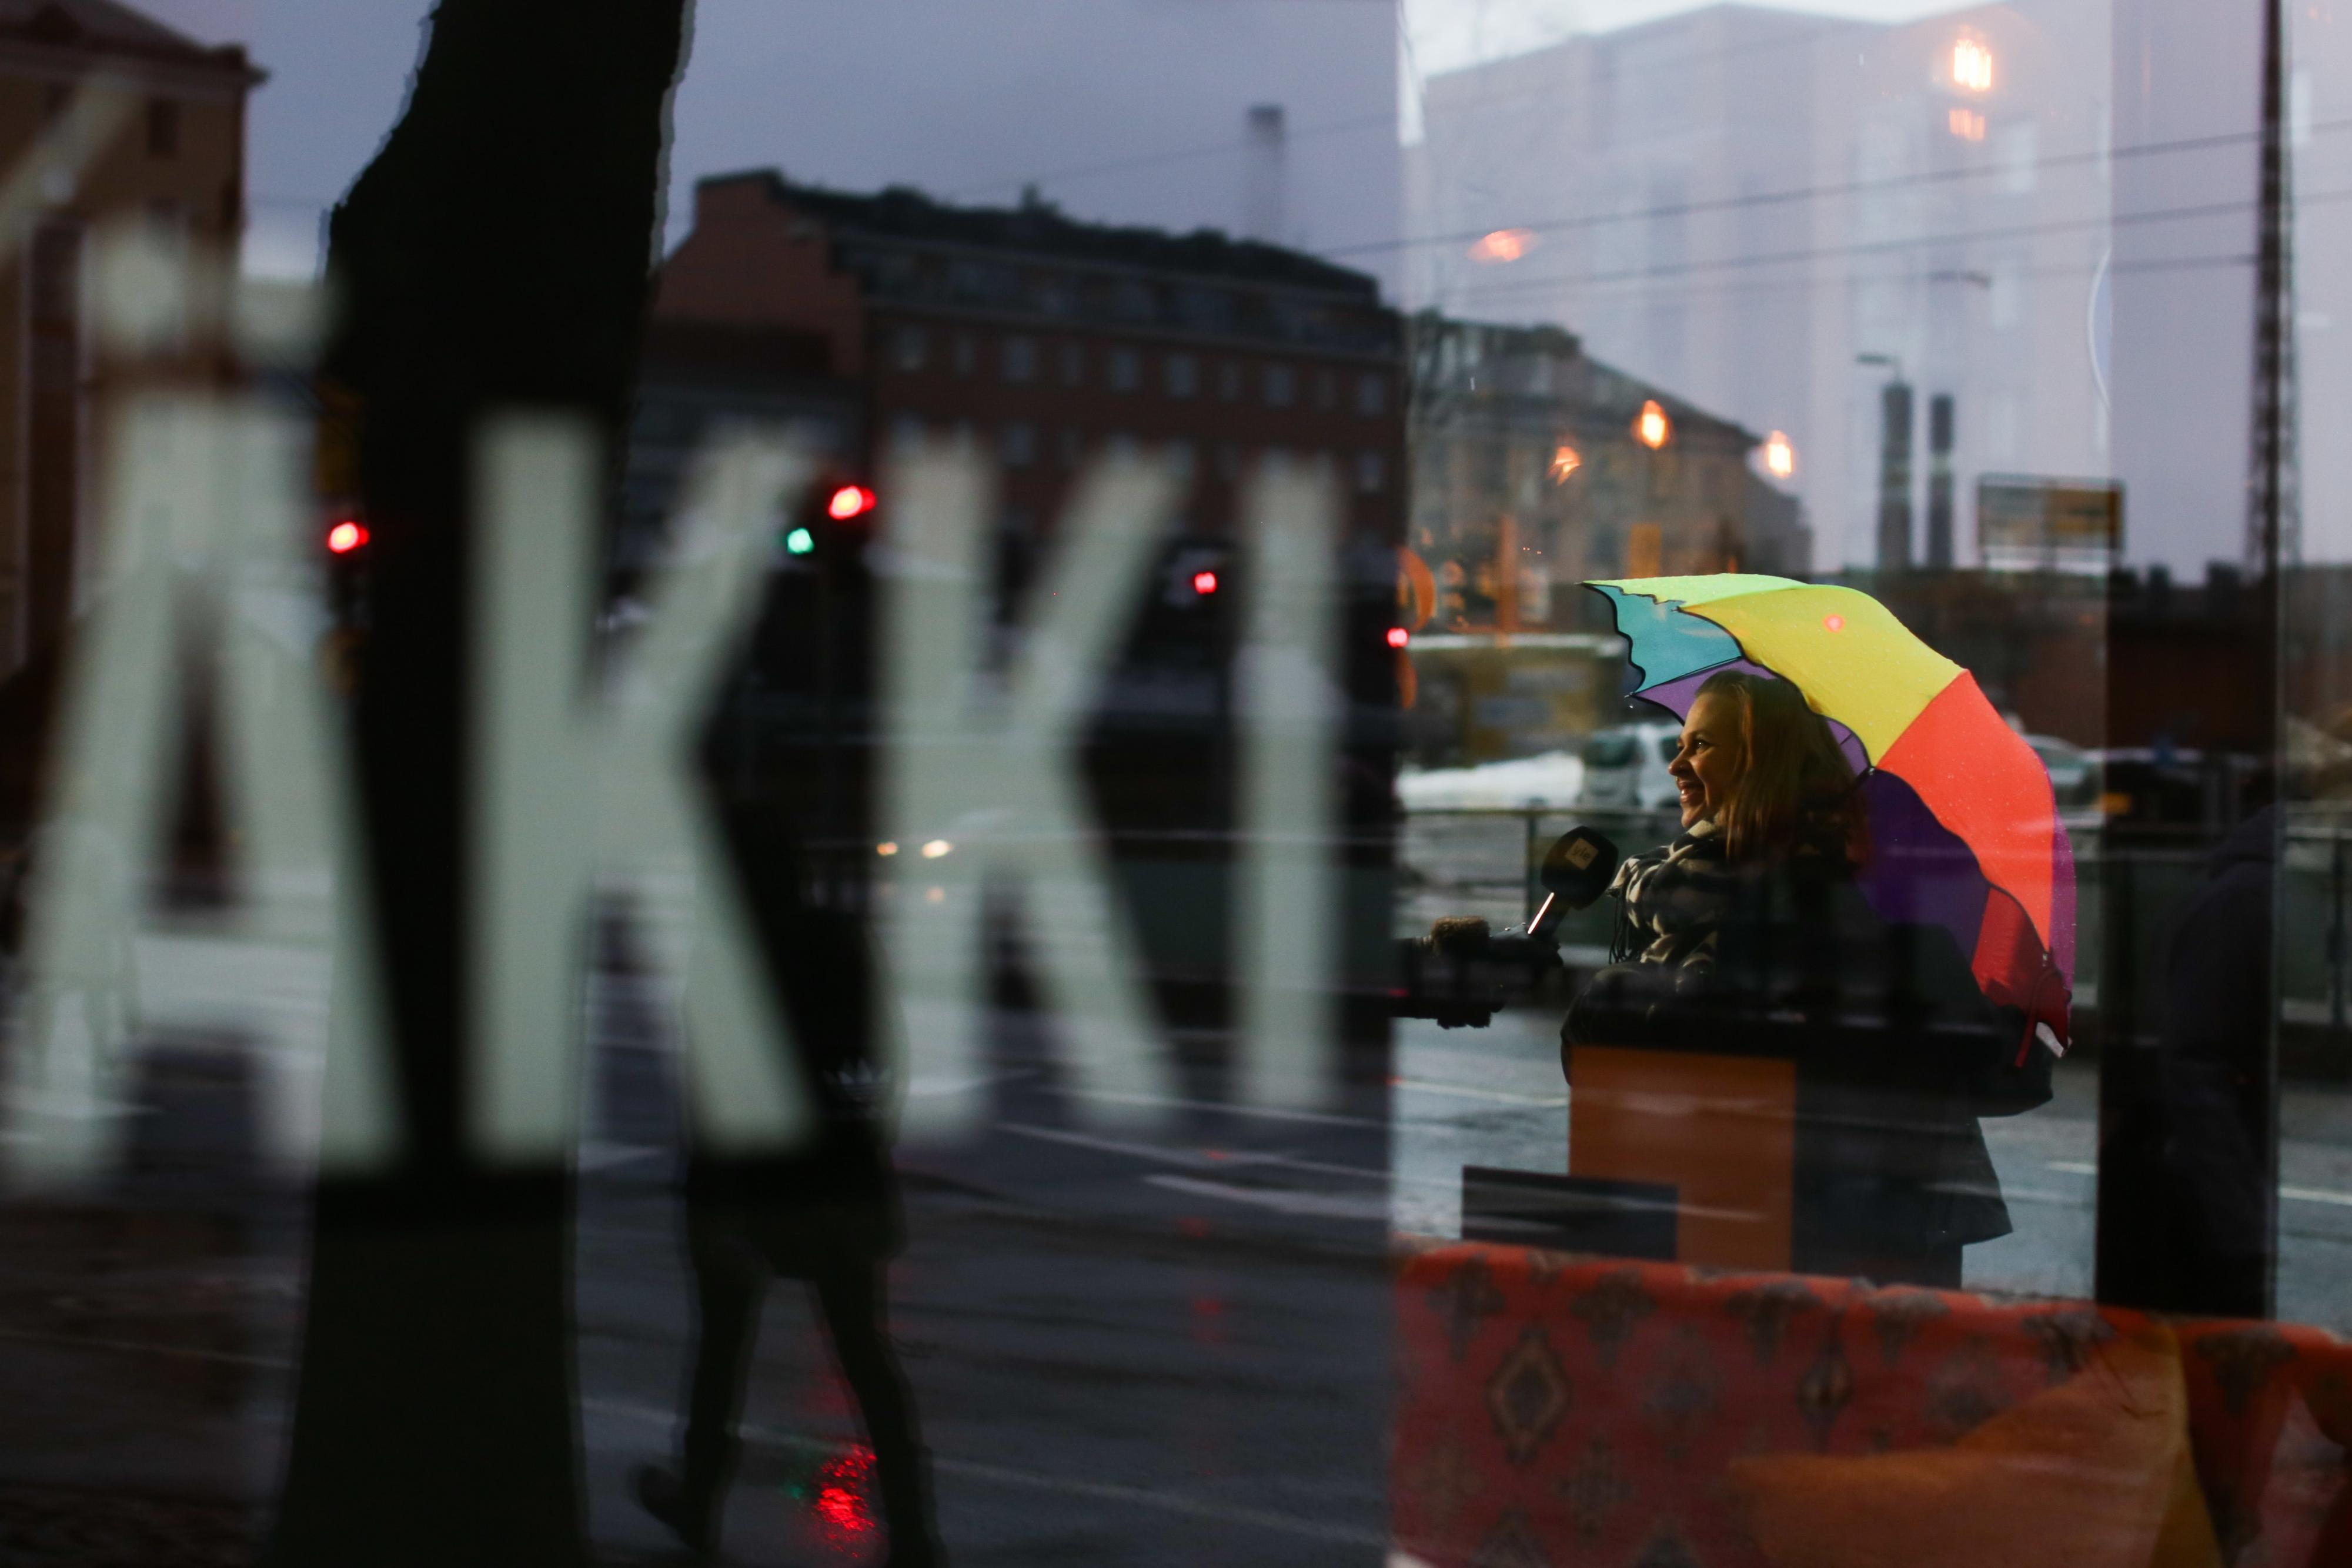 Gay/LGBTQ friendly Music Theatre Kapsäkki in Helsinki Finland, sateenkaariystävällinen Suomi yhteisön jäsen